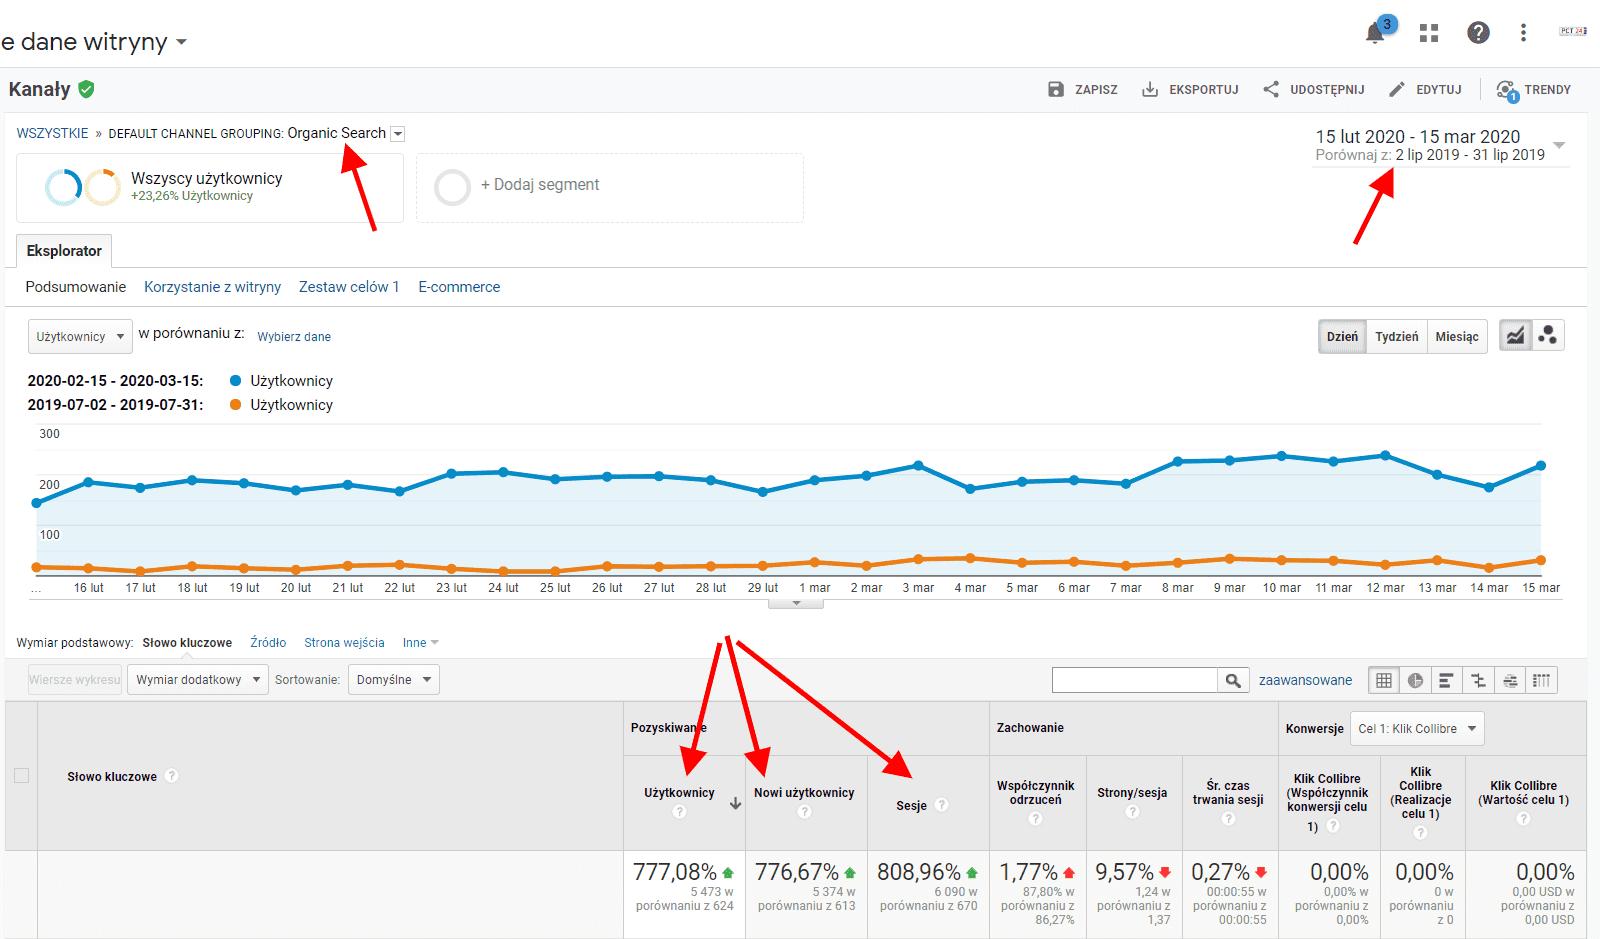 Statystyki SEO - miesiąc do miesiąca